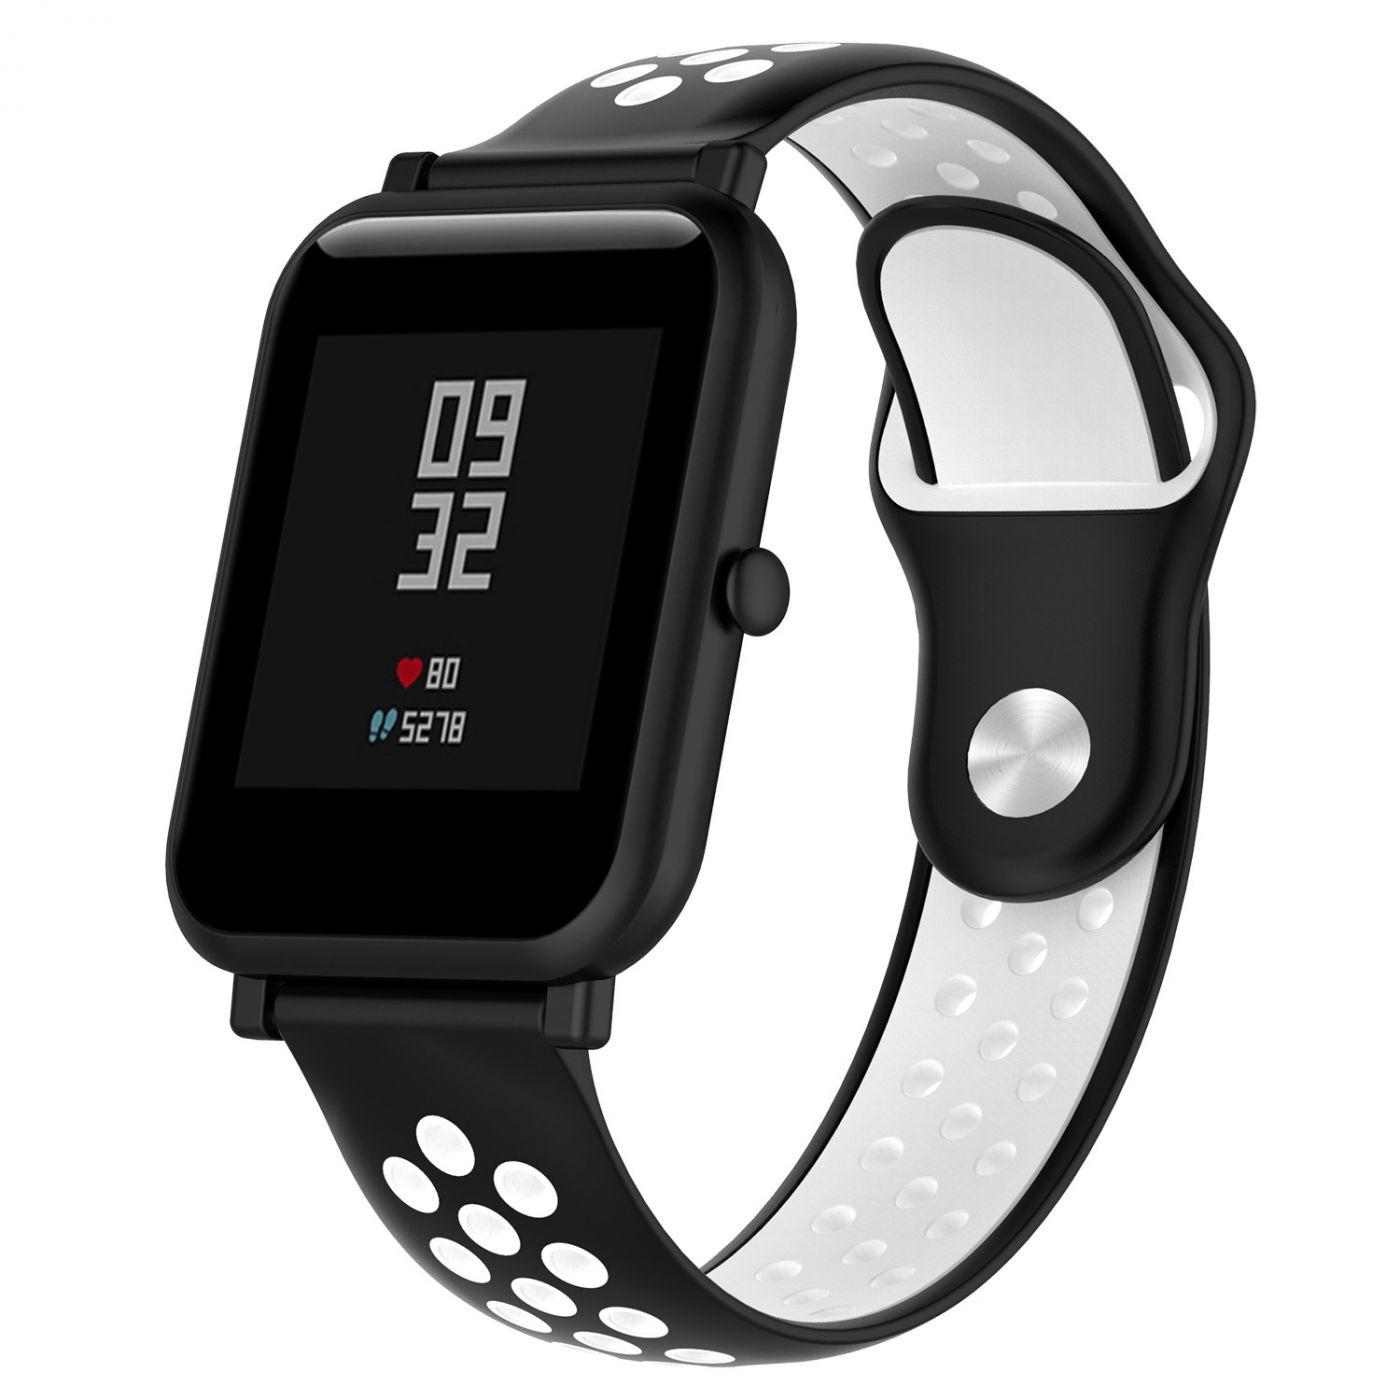 Сменный ремешок для Умных часов  Amazfit Bip Smartwatch (Черный - Белый)